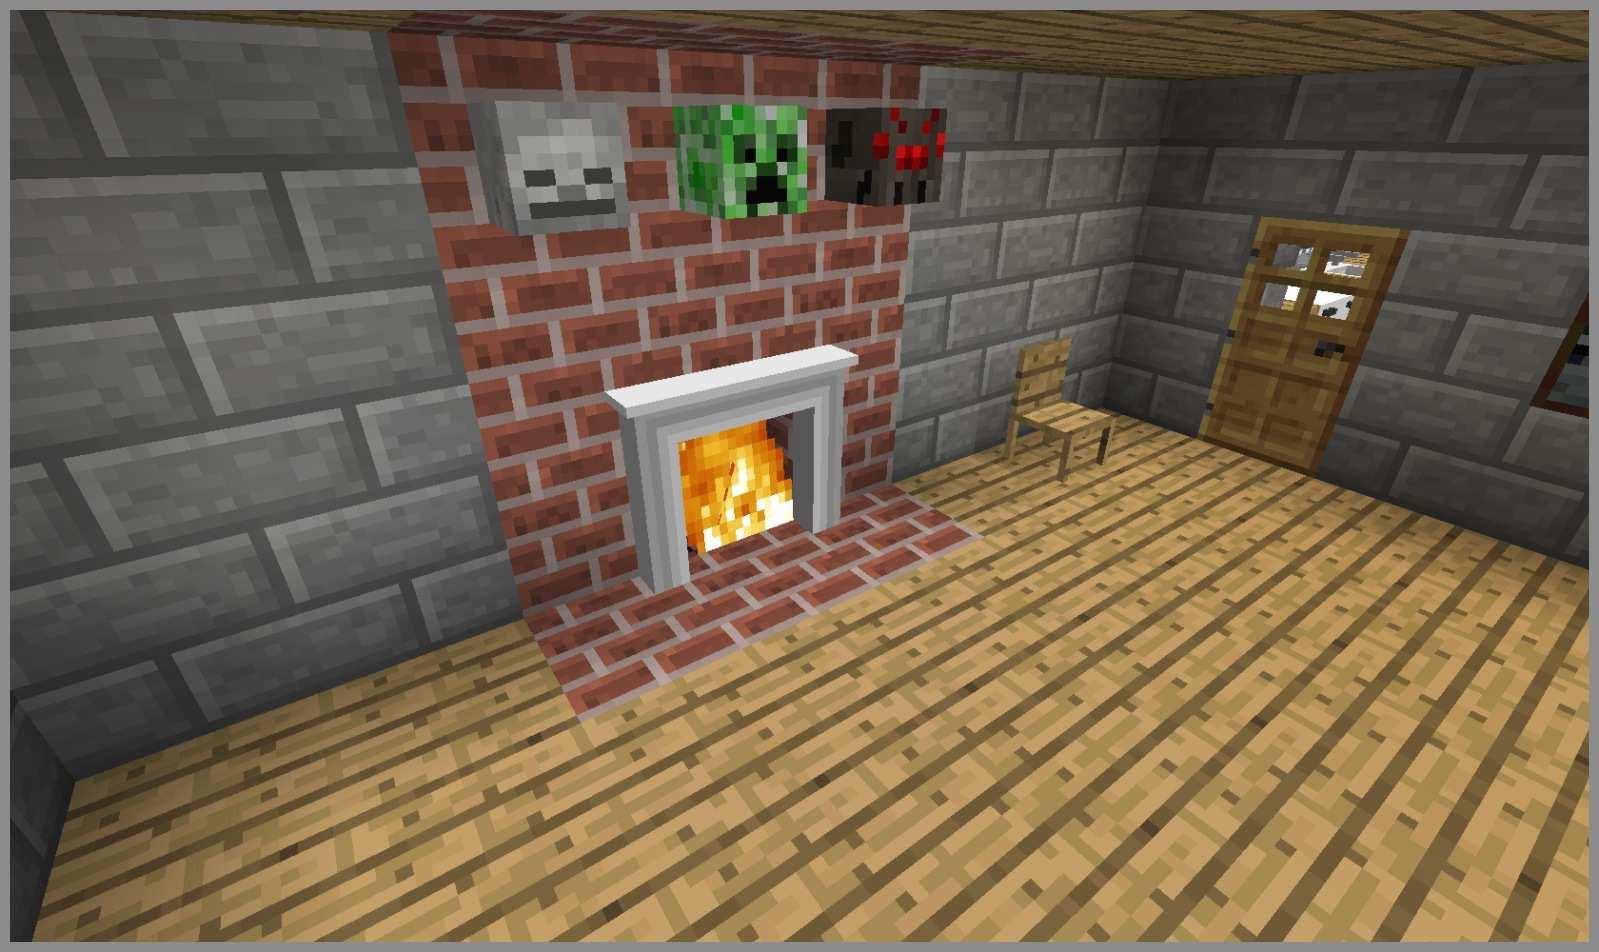 Minecraft Bett Bauen  Minecraft Bett Craften Best Bauen myappsforpc